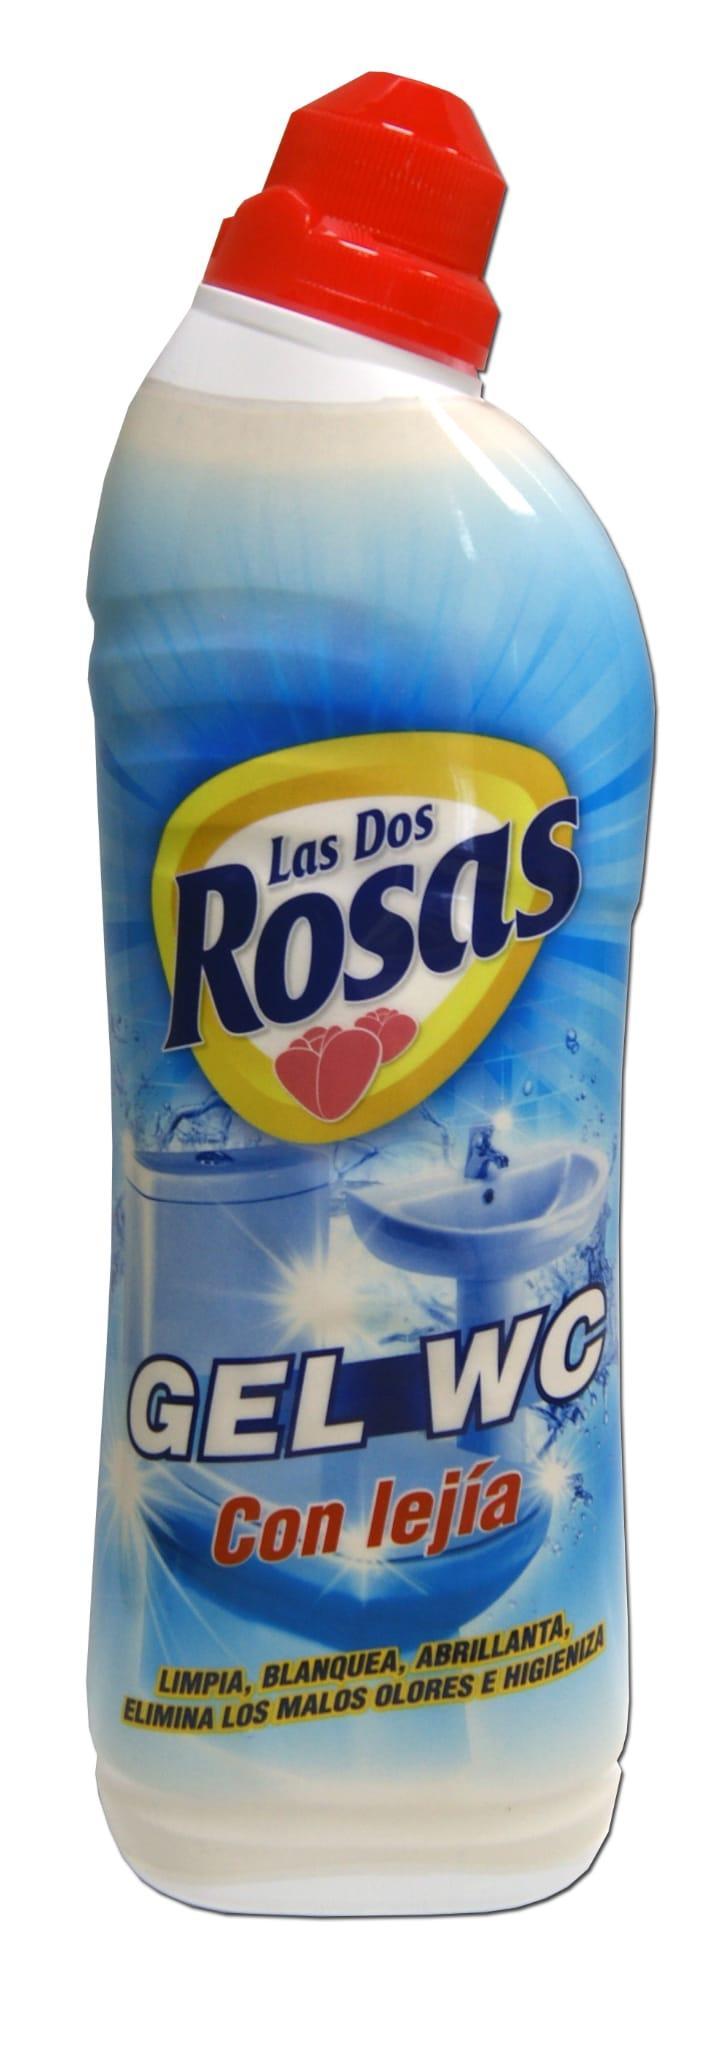 Las 2 Rosas Gel WC Lejía 1 Litro